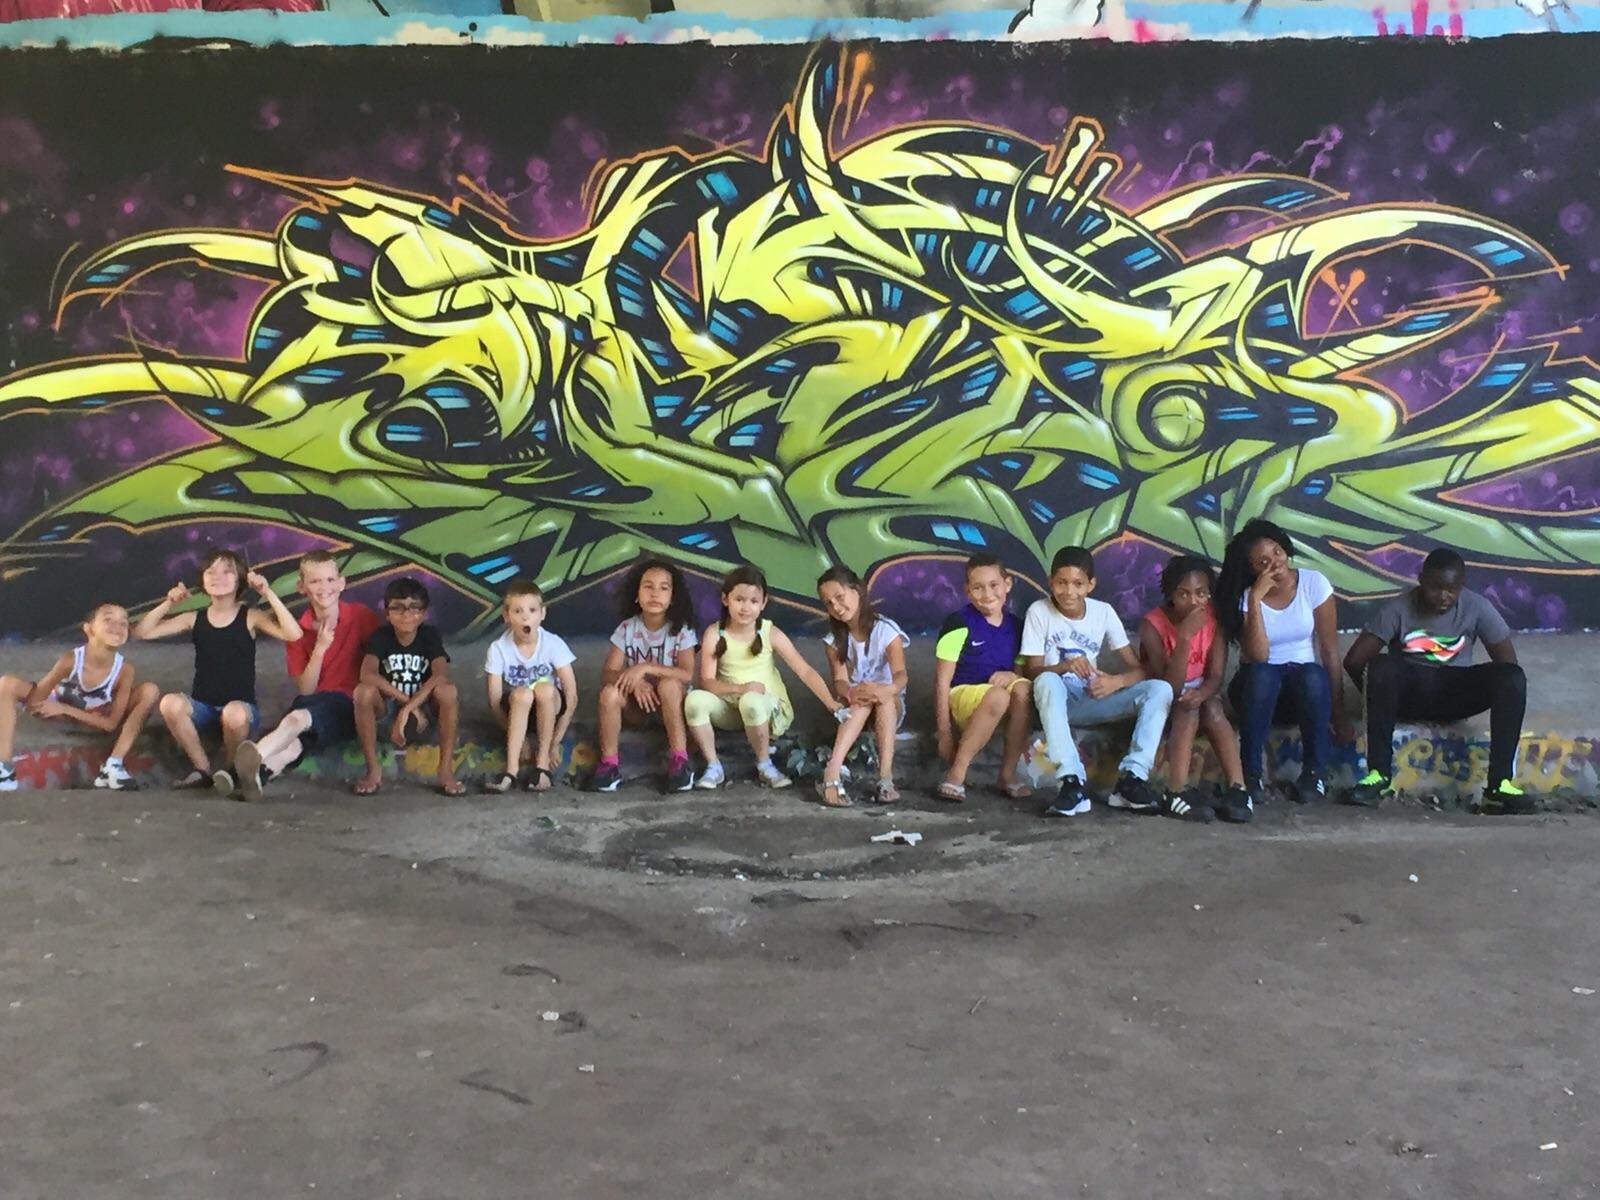 Graffiti feestje Vinkeveen